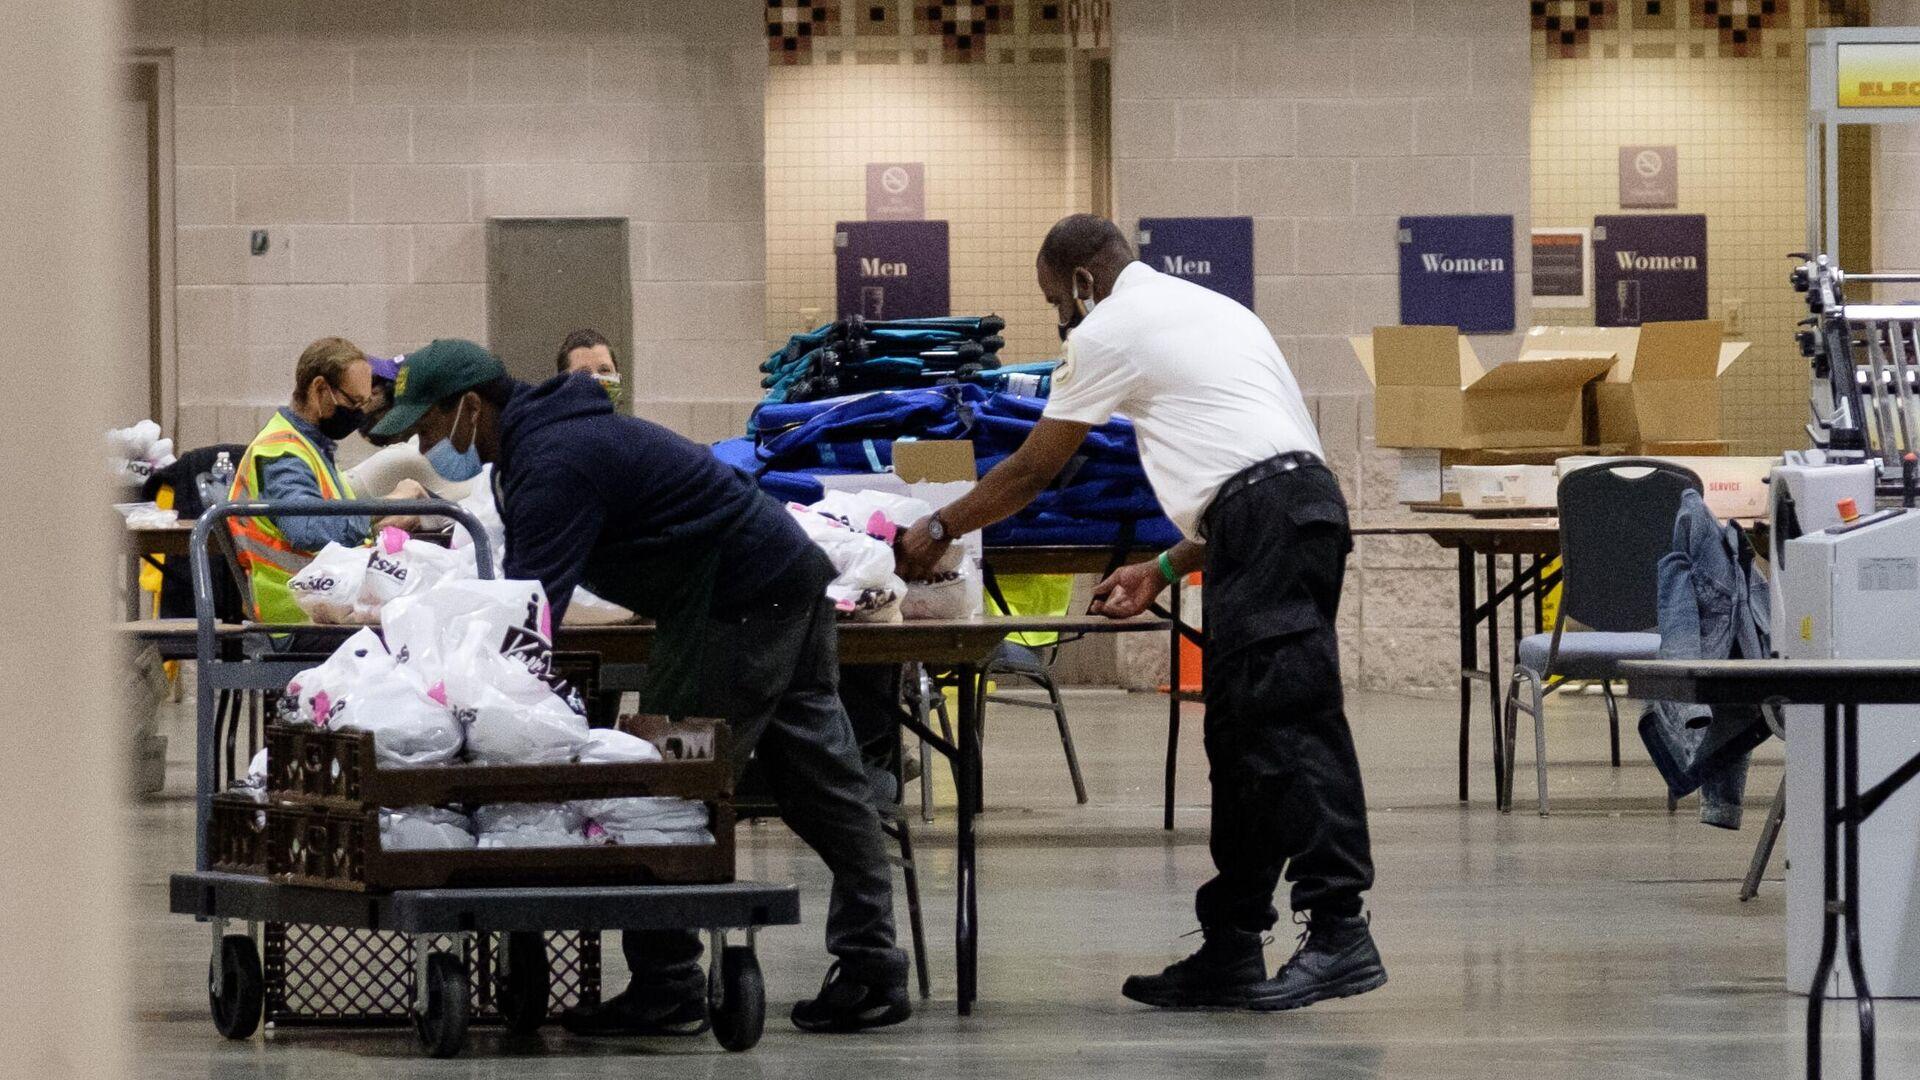 Рабочие перевозят коробки с бюллетенями внутри Конгресс-центра в Филадельфии - РИА Новости, 1920, 18.11.2020